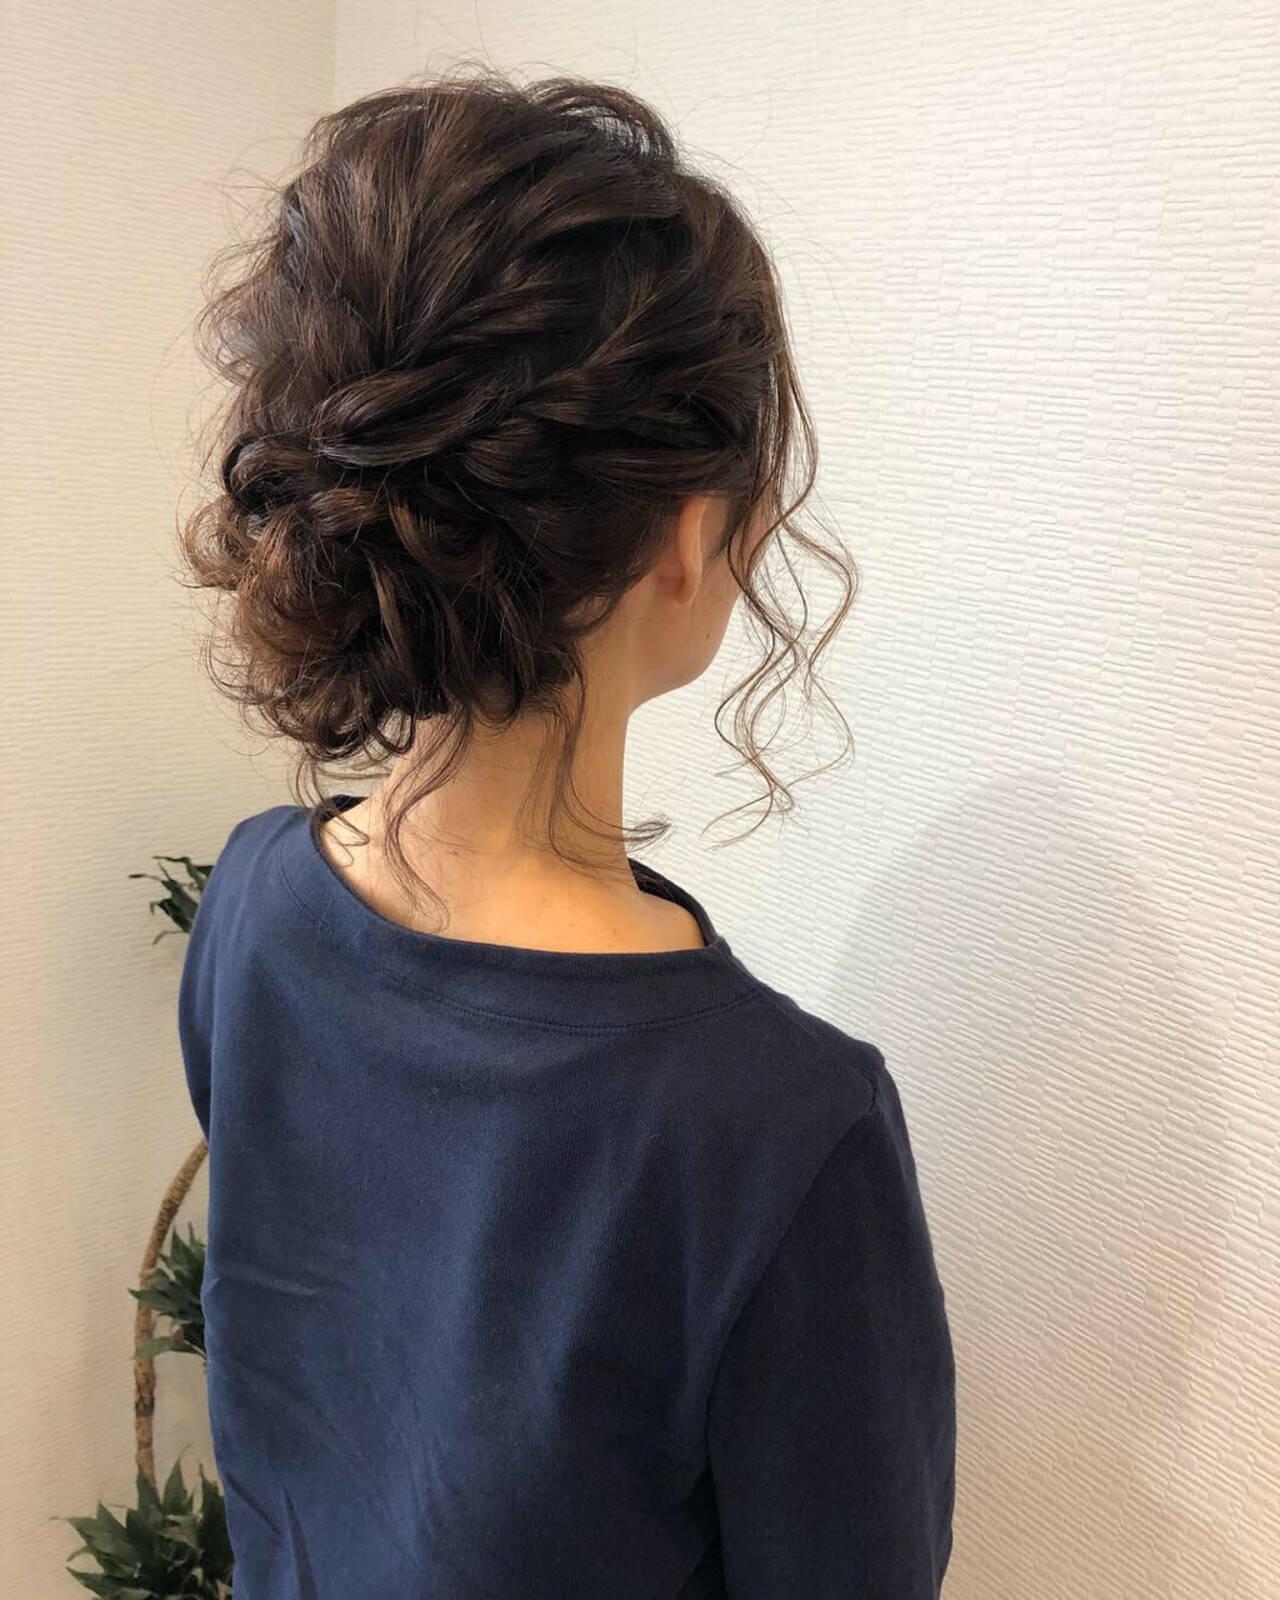 フェミニン アップスタイル ヘアアレンジ ミディアムヘアスタイルや髪型の写真・画像